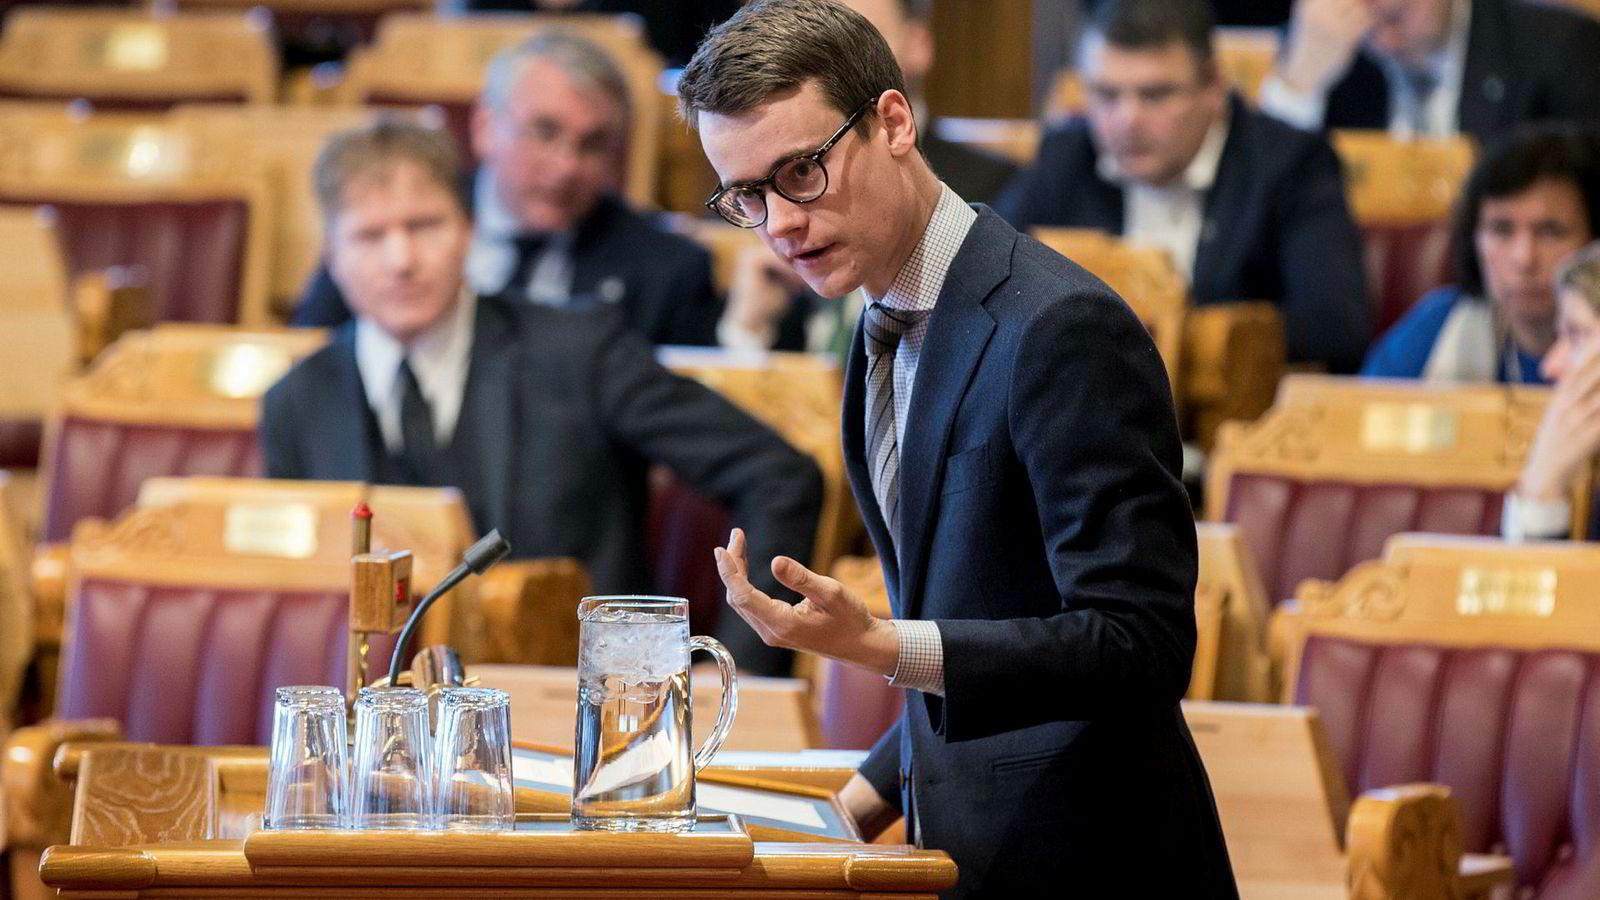 – Vi kan ikke ha et skattesystem som vrir investeringer mot petroleum og som kan gjøre samfunnsøkonomisk ulønnsomme investeringer lønnsomme for bedriftene, sier Tore Storehaug (KrF).